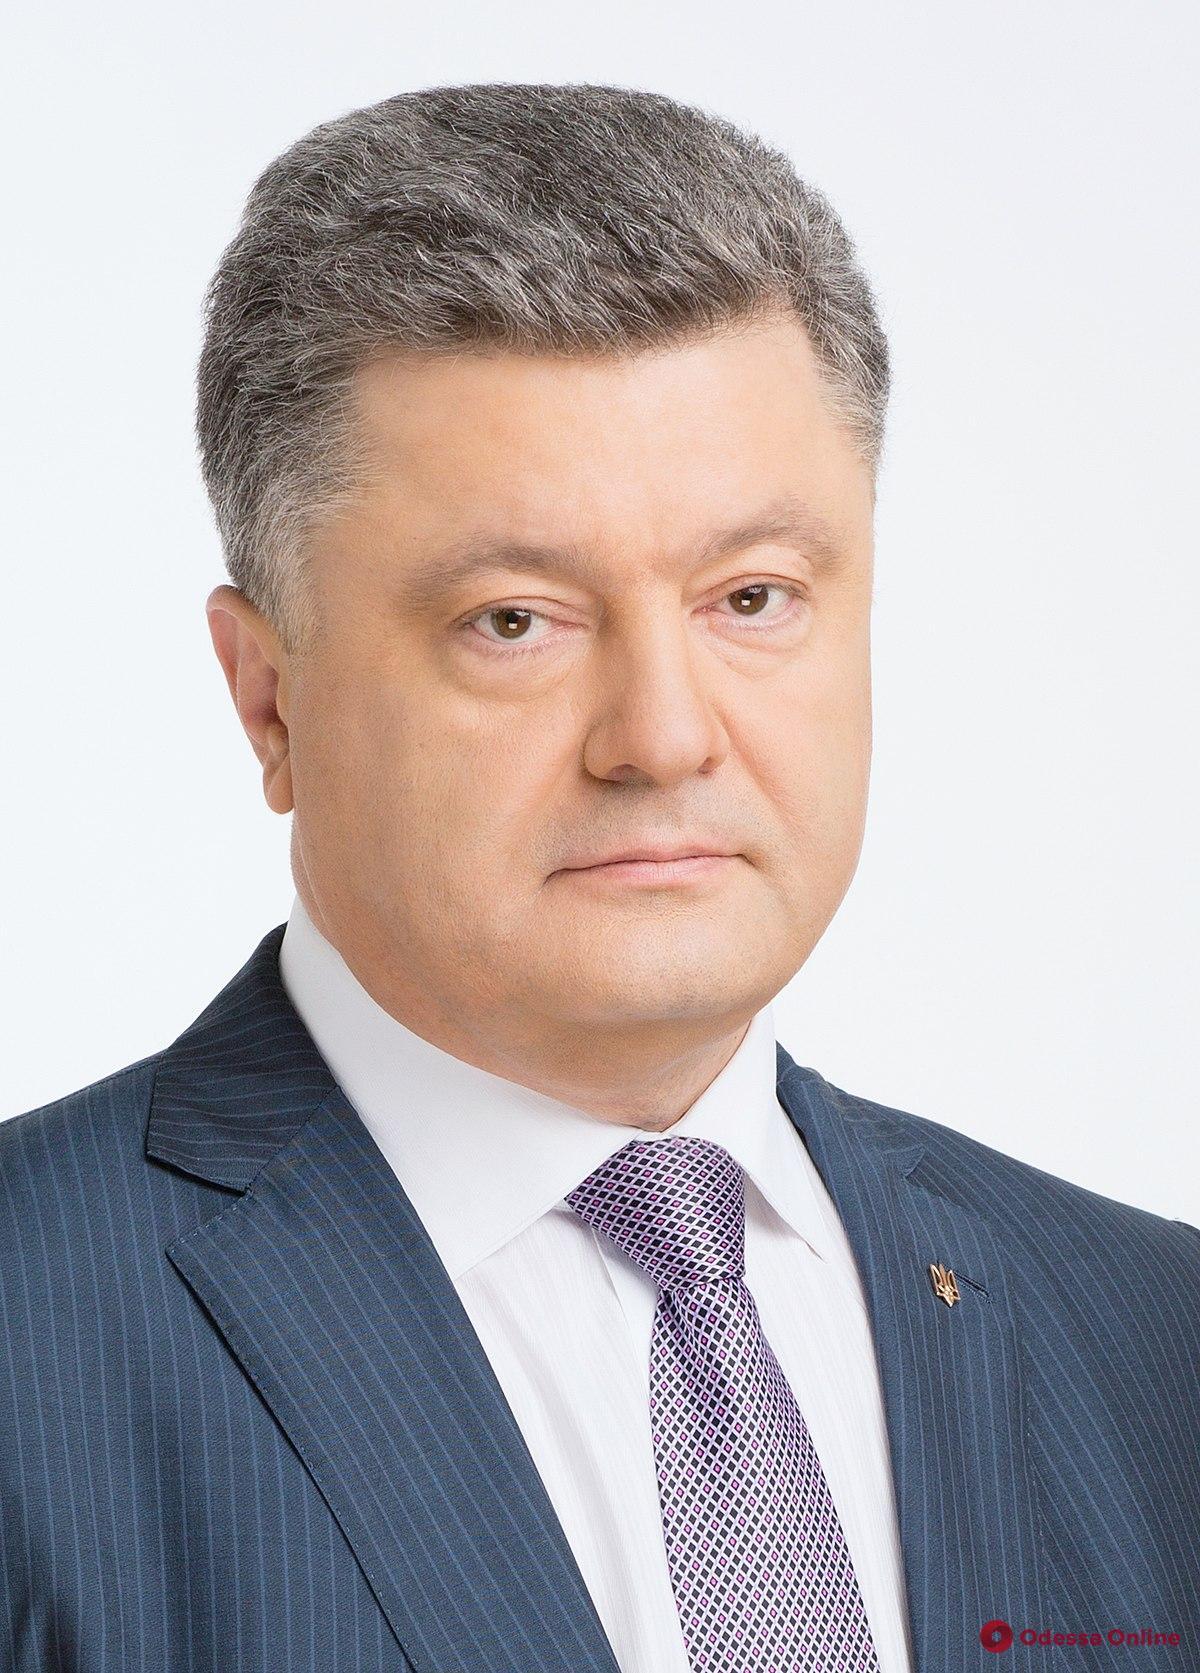 Завтра в Одесскую область приедет президент Петр Порошенко